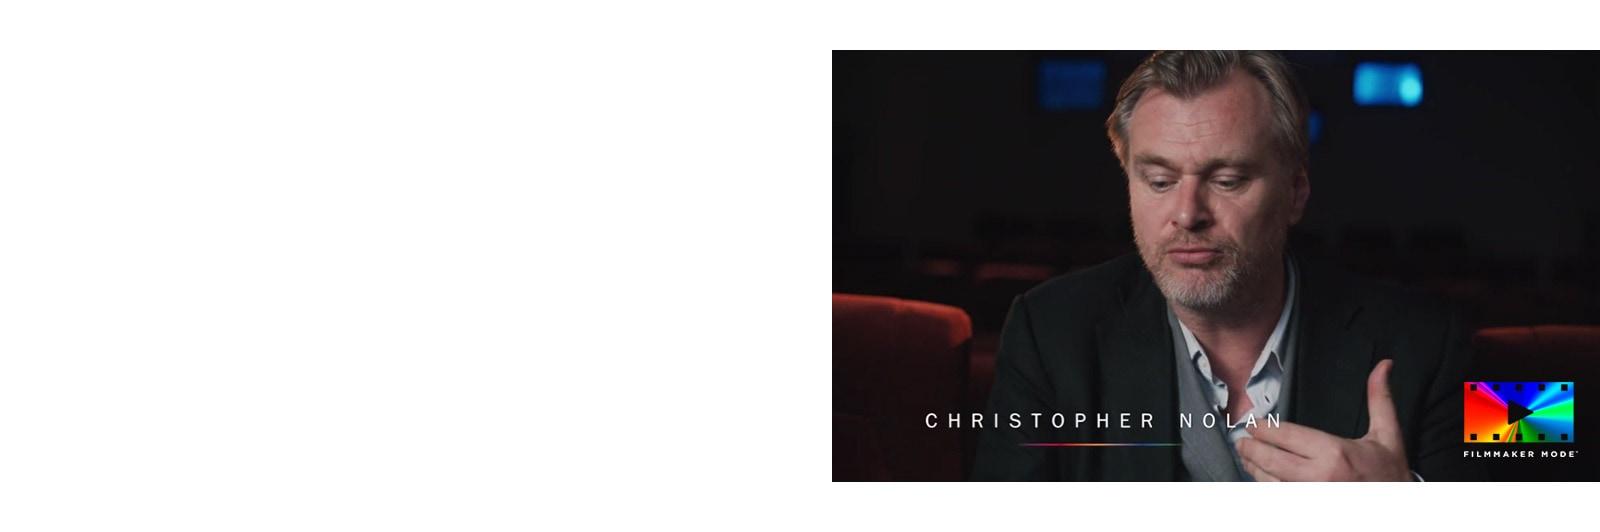 Film przedstawiający wywiad z Christopherem Nolanem